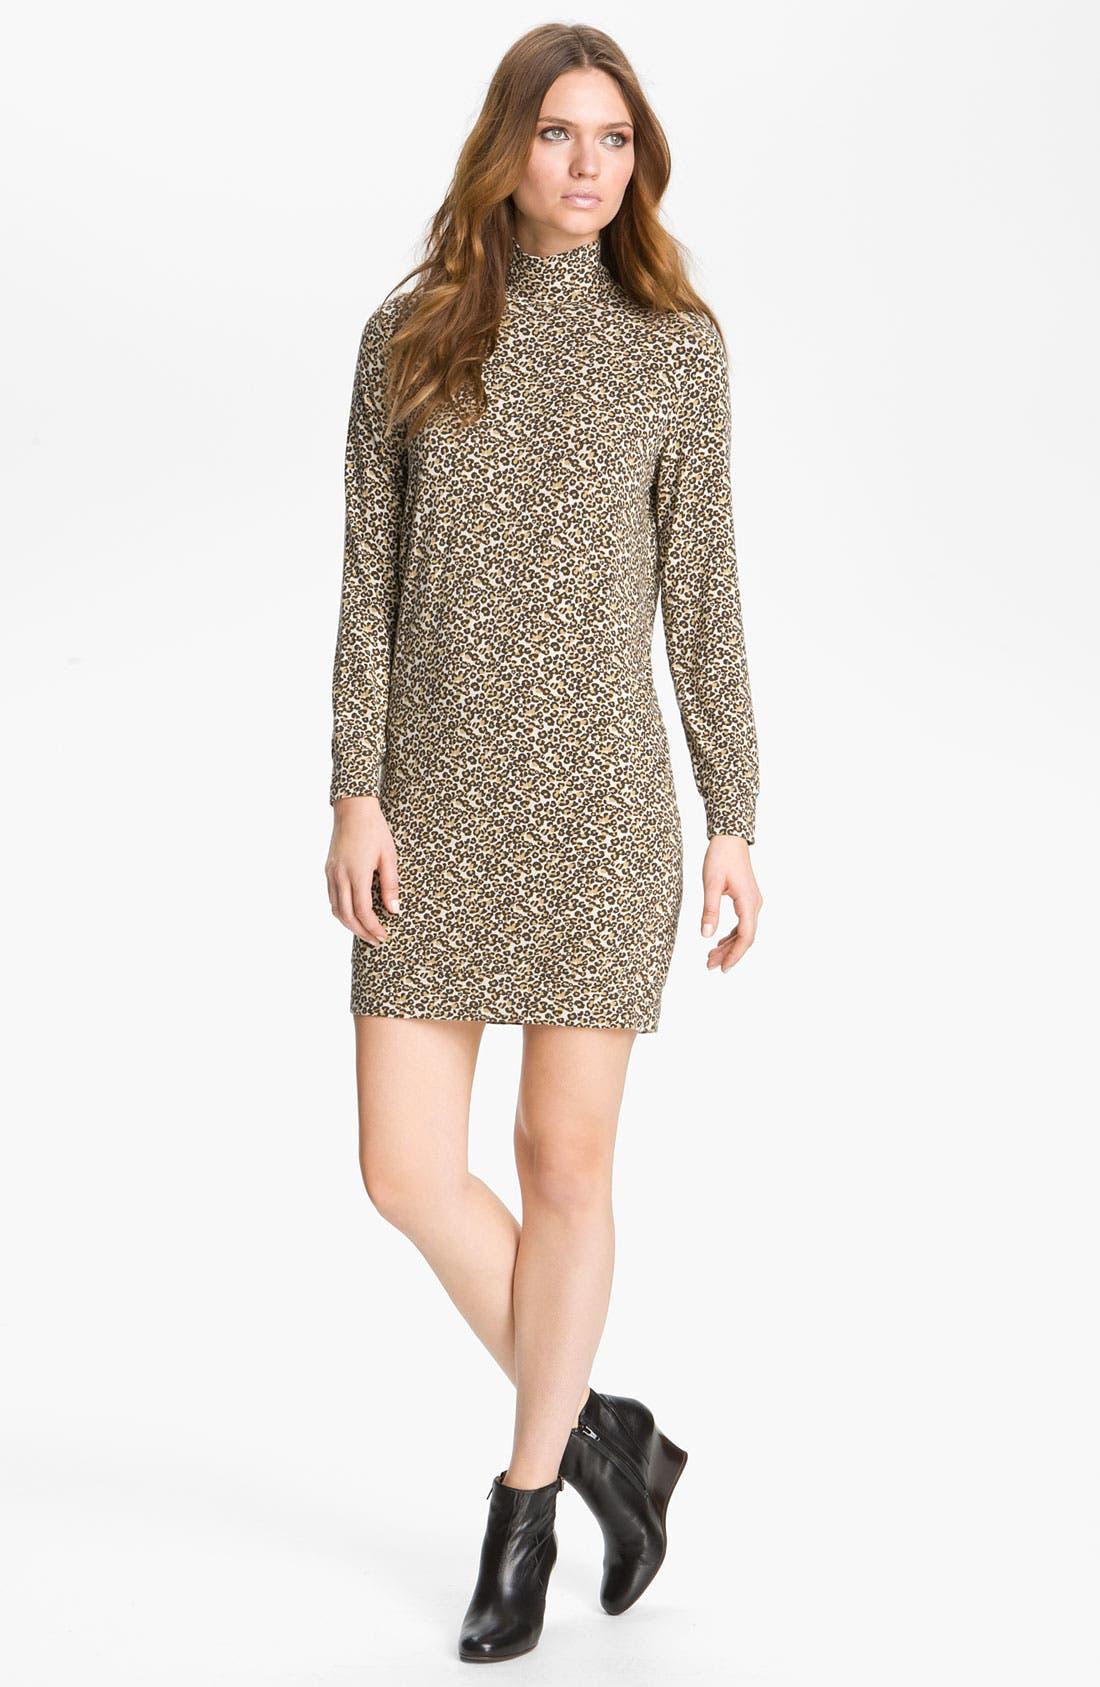 Leopard Print Turtleneck Dress,                             Main thumbnail 1, color,                             020